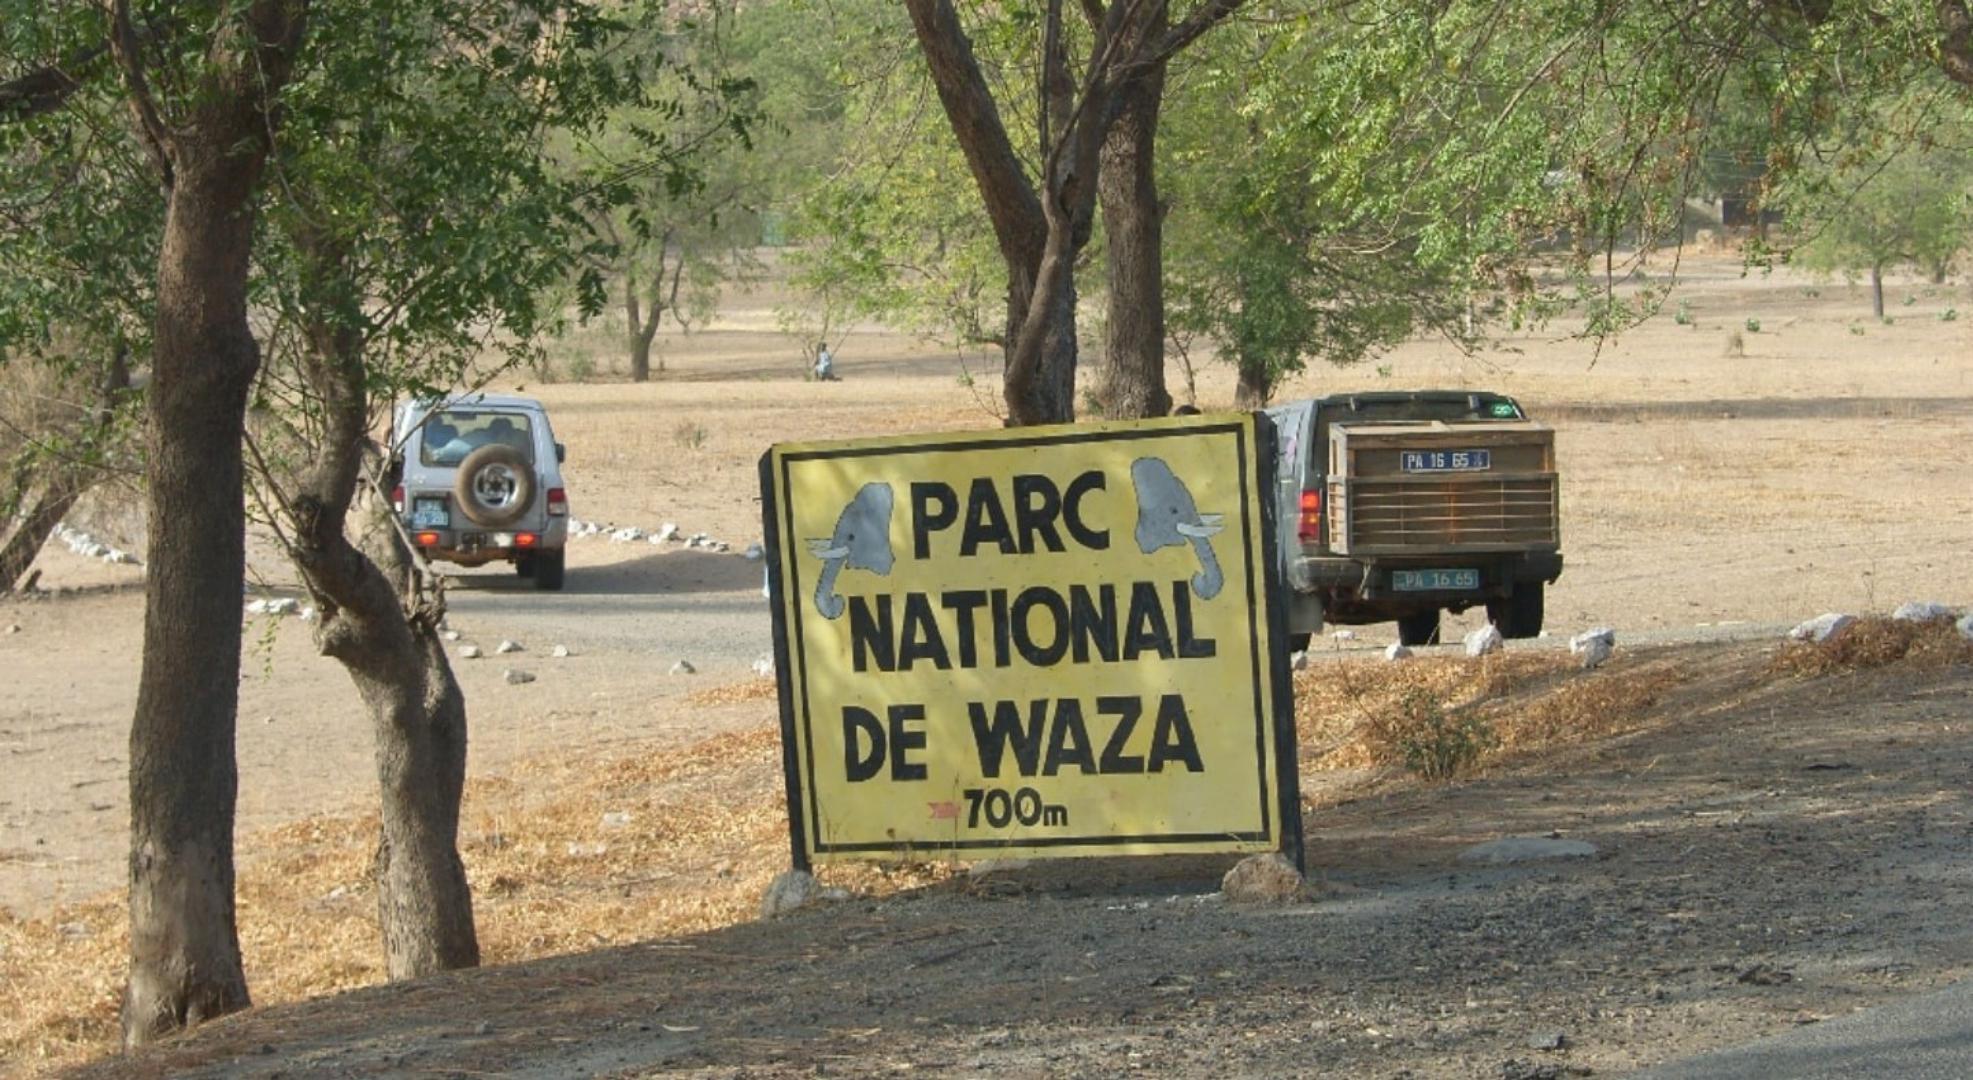 Vers la création d'une radio communautaire dédiée à la protection de la réserve de Waza